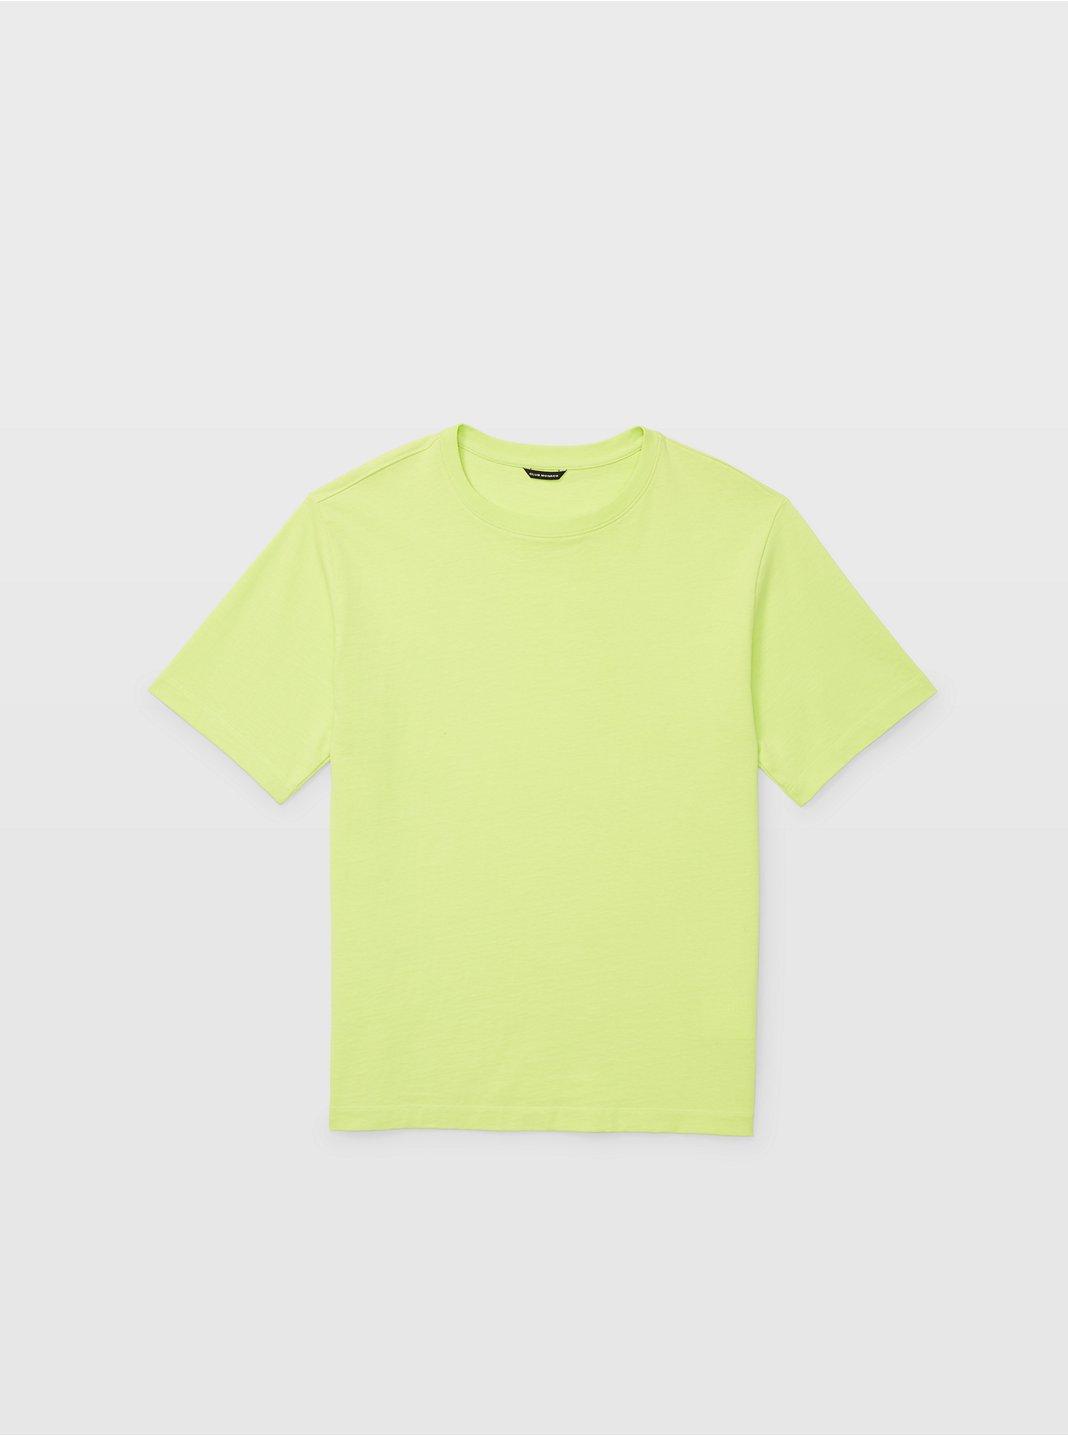 Neon Tee